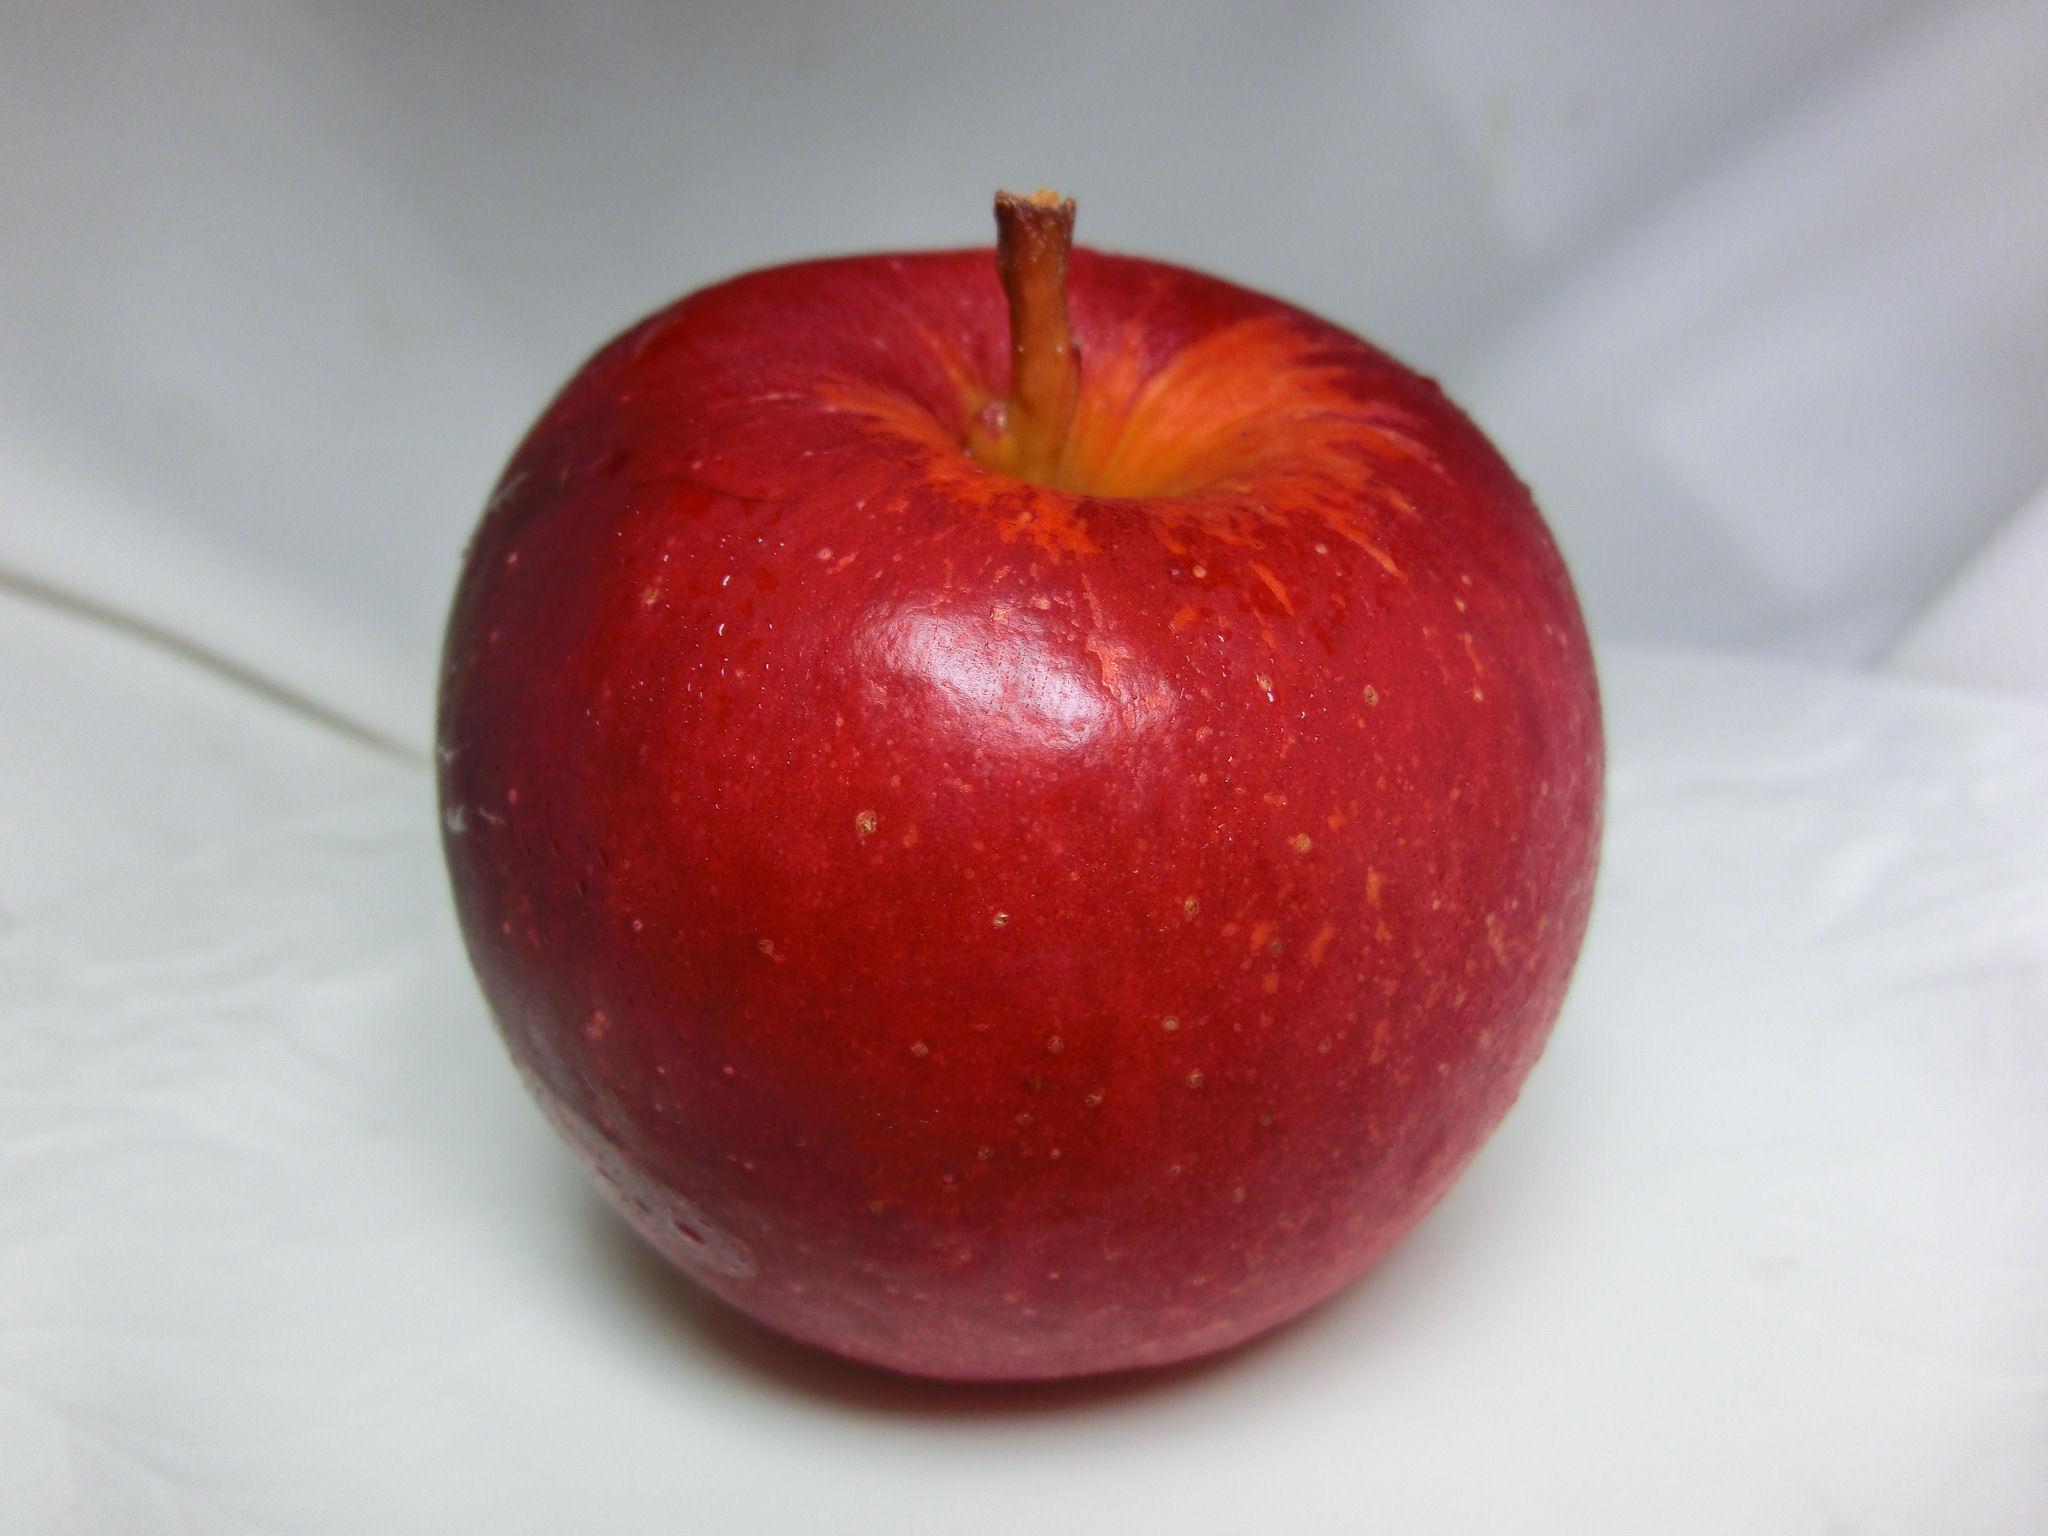 真っ赤なりんご。